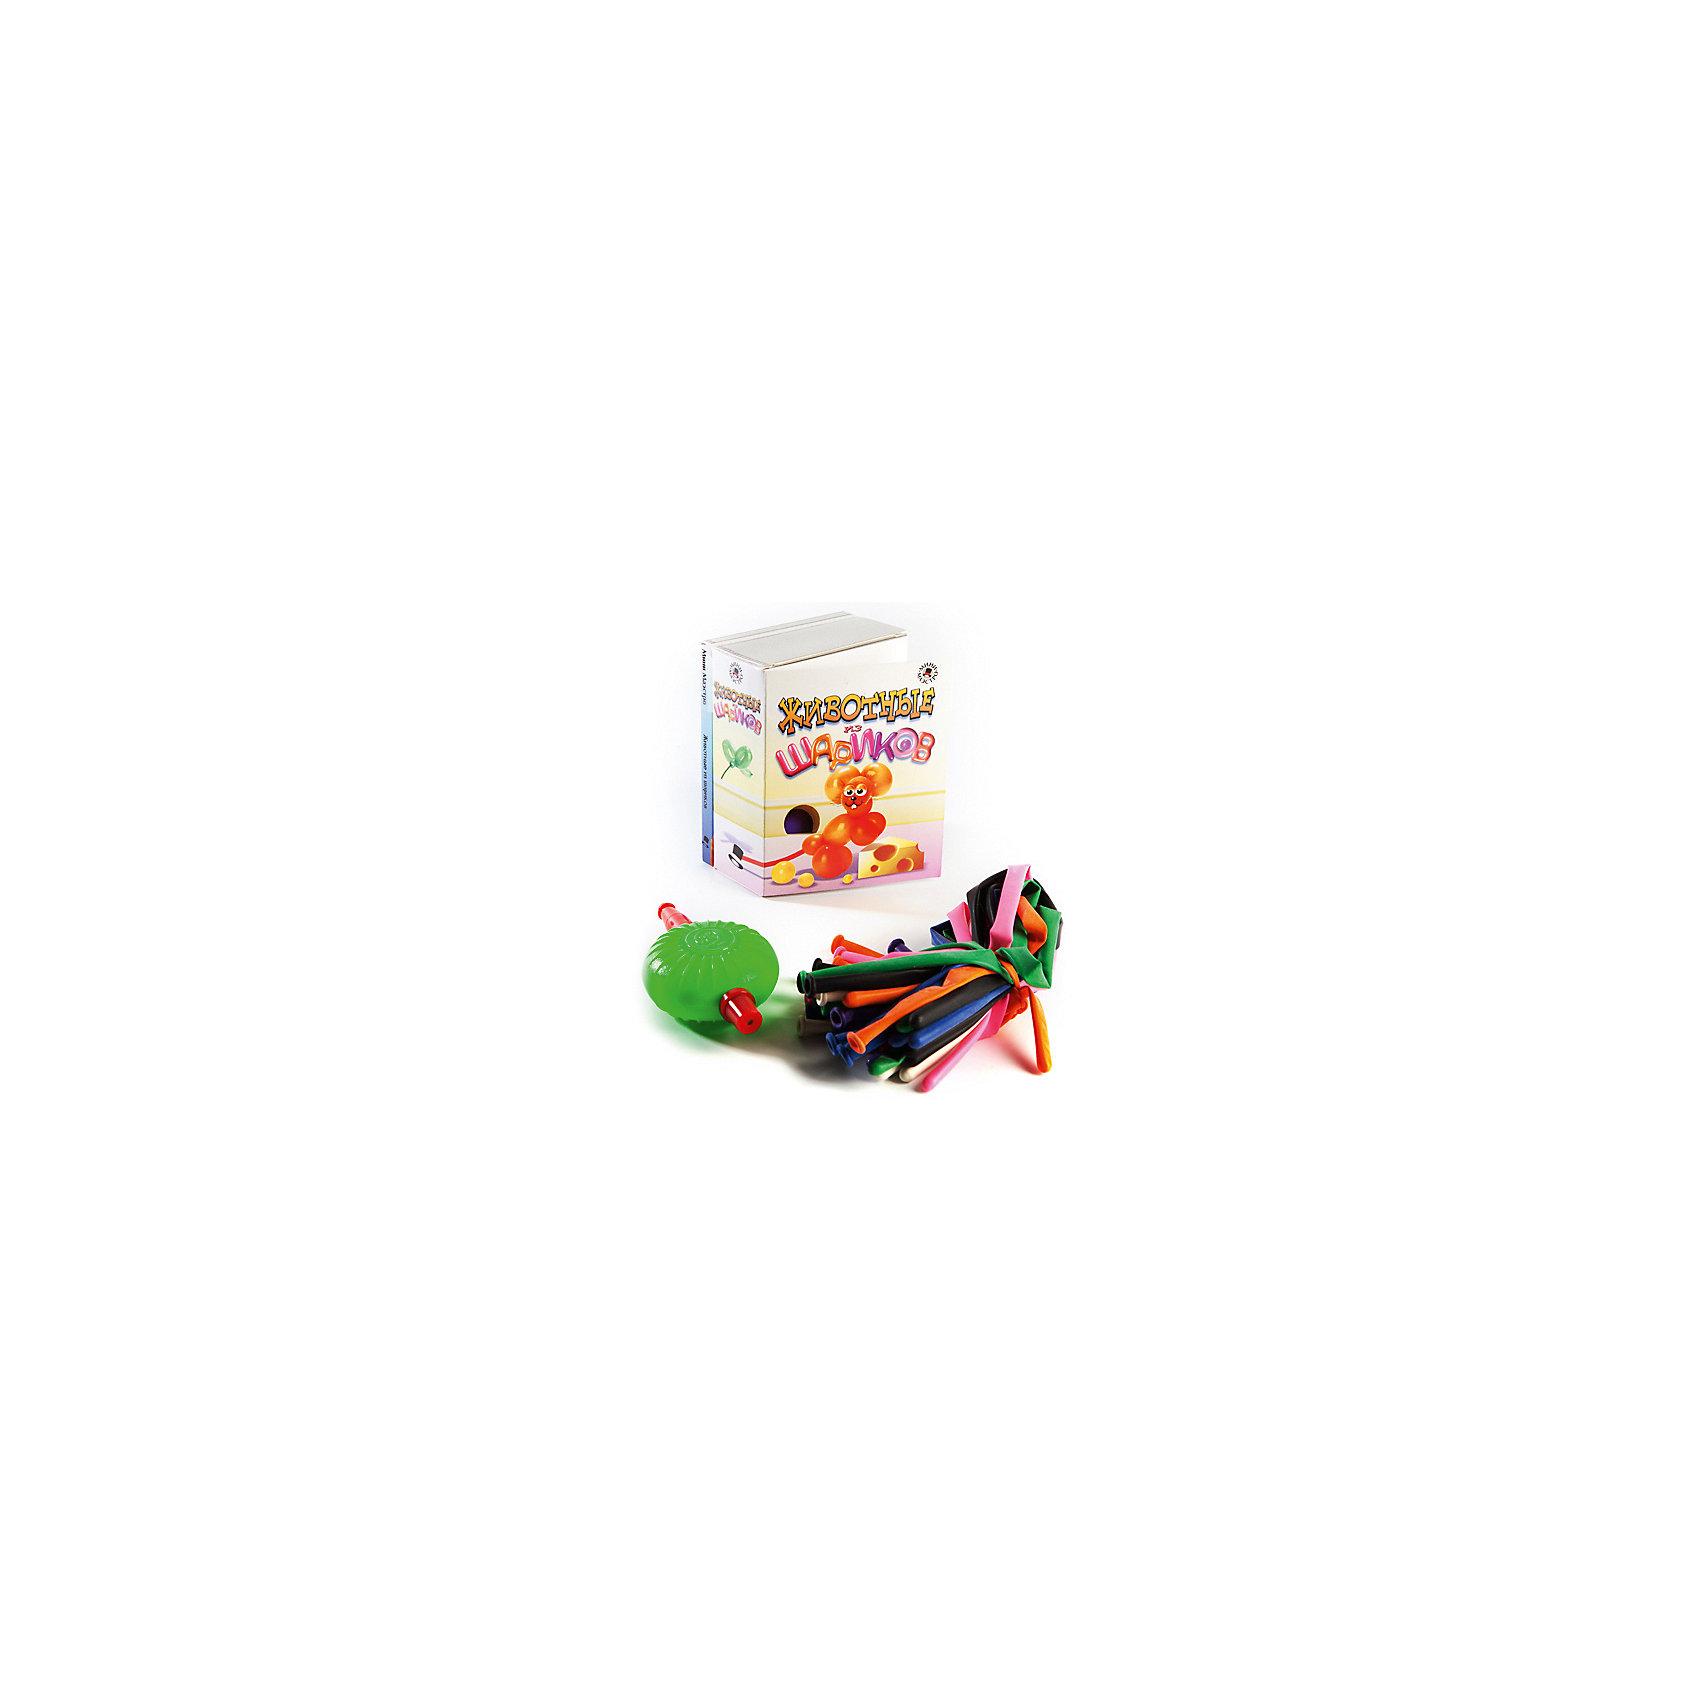 Набор Животные из шариковНаборы для фокусов<br>Мини-маэстро Животные из шариков.<br><br>Хочешь сделать из шарика собаку? А лебедя или жирафа? Это совсем не сложно, если у тебя есть эта коробочка! В ней находится книга с цветными иллюстрациями и указаниями, как сделать из шариков десять различных животных, а также разноцветные шарики и маленький насос.<br><br>Дополнительная информация:<br><br>В набор входит:<br>- Книга с инструкциями 48 стр., цв. илл.,<br>- 20 шариков для моделирования,<br>- насос.<br>Размер упаковки (д/ш/в): 95 х 52 х 120 мм<br><br>Важный совет: кот - самая трудная модель. Когда будешь его делать, позови на помощь папу!<br><br>Ширина мм: 95<br>Глубина мм: 52<br>Высота мм: 120<br>Вес г: 300<br>Возраст от месяцев: 72<br>Возраст до месяцев: 144<br>Пол: Унисекс<br>Возраст: Детский<br>SKU: 2358200